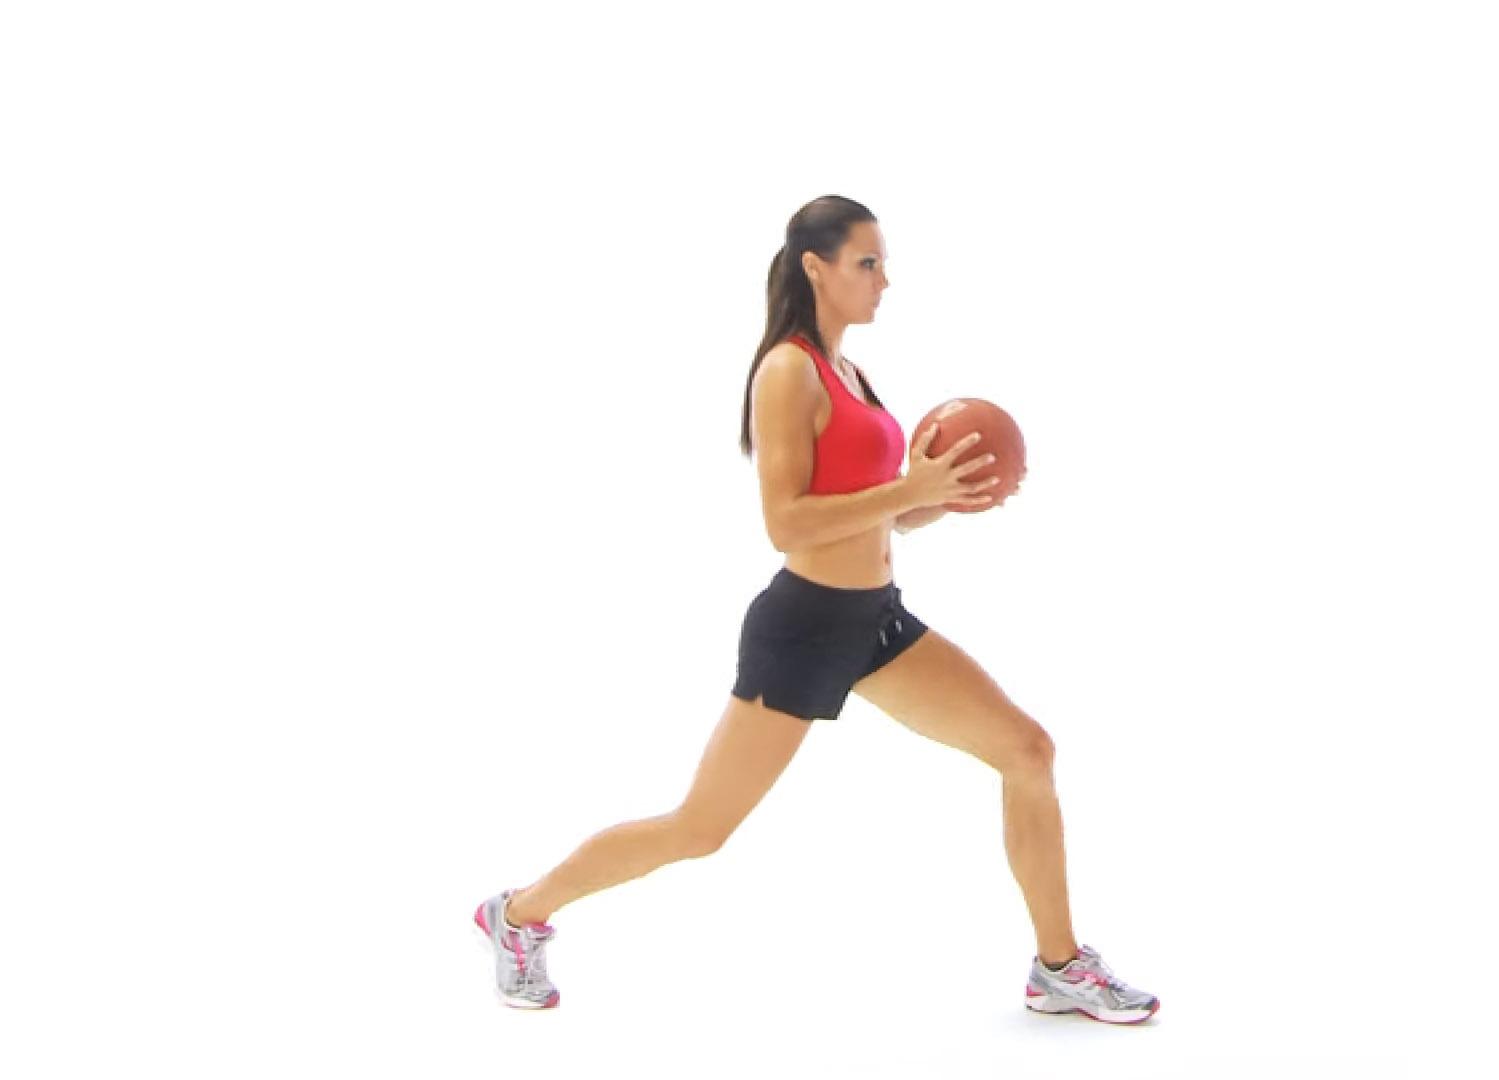 Sindrome dolorosa anteriore - Esercizi alternativi